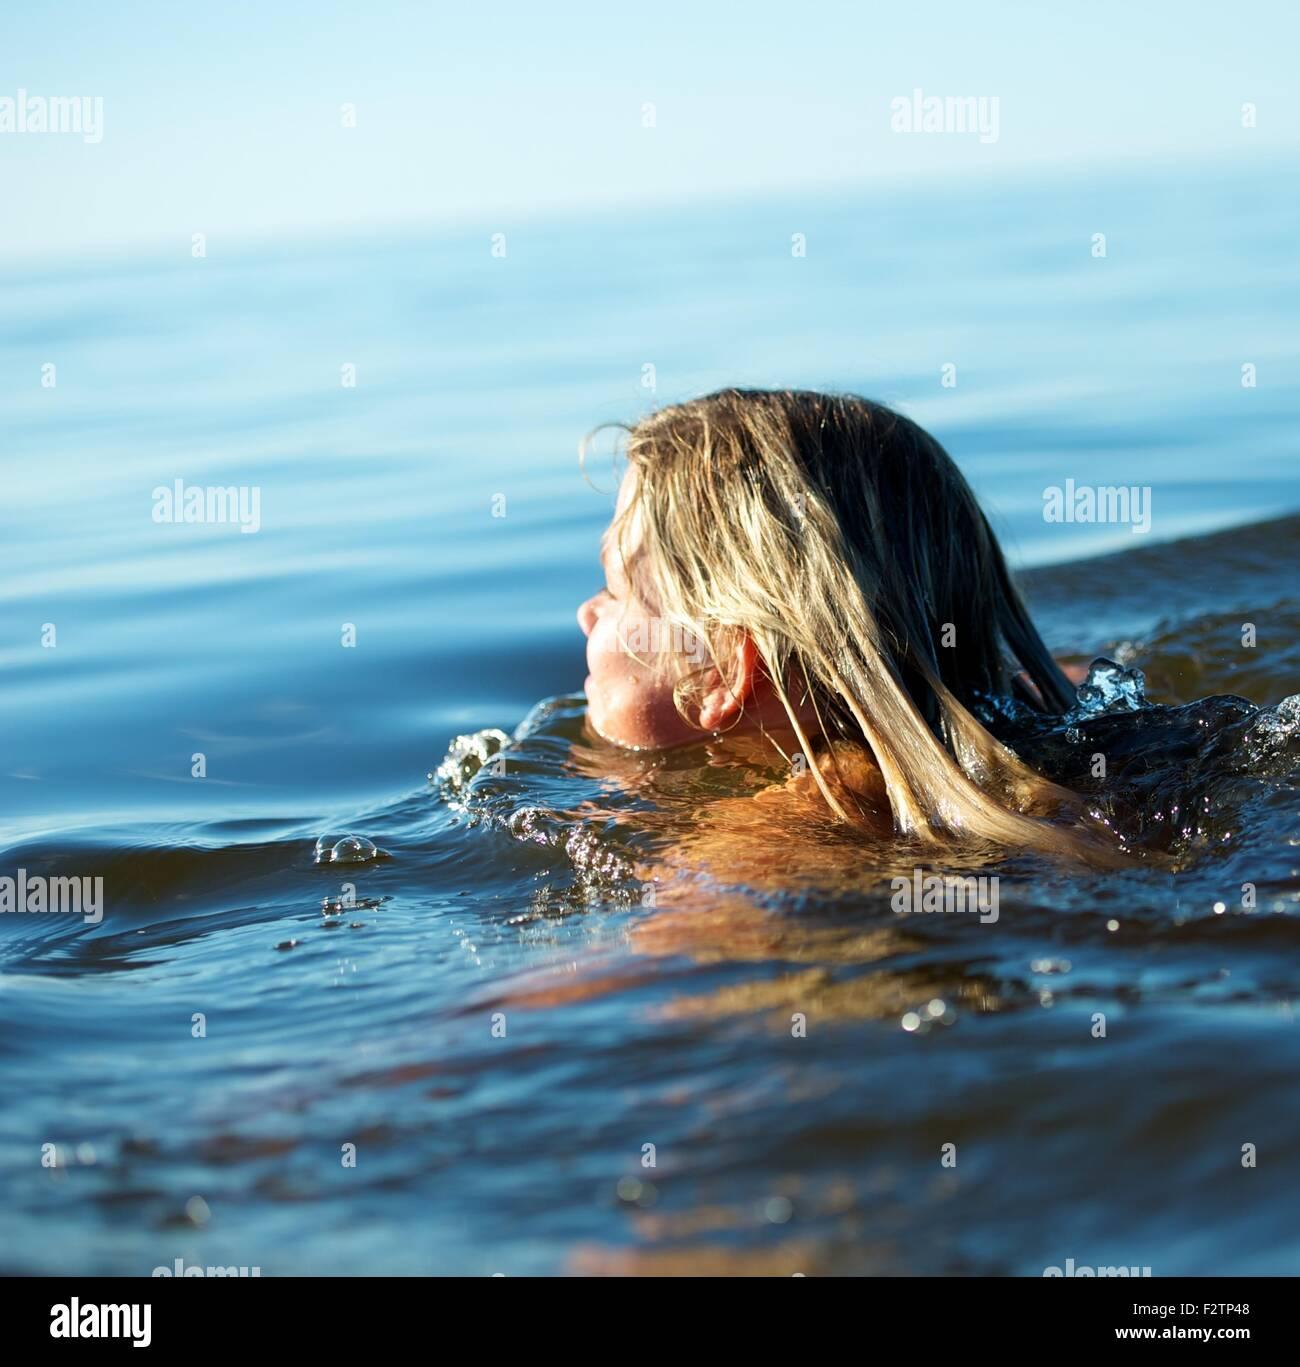 Une fille dans l'eau Photo Stock